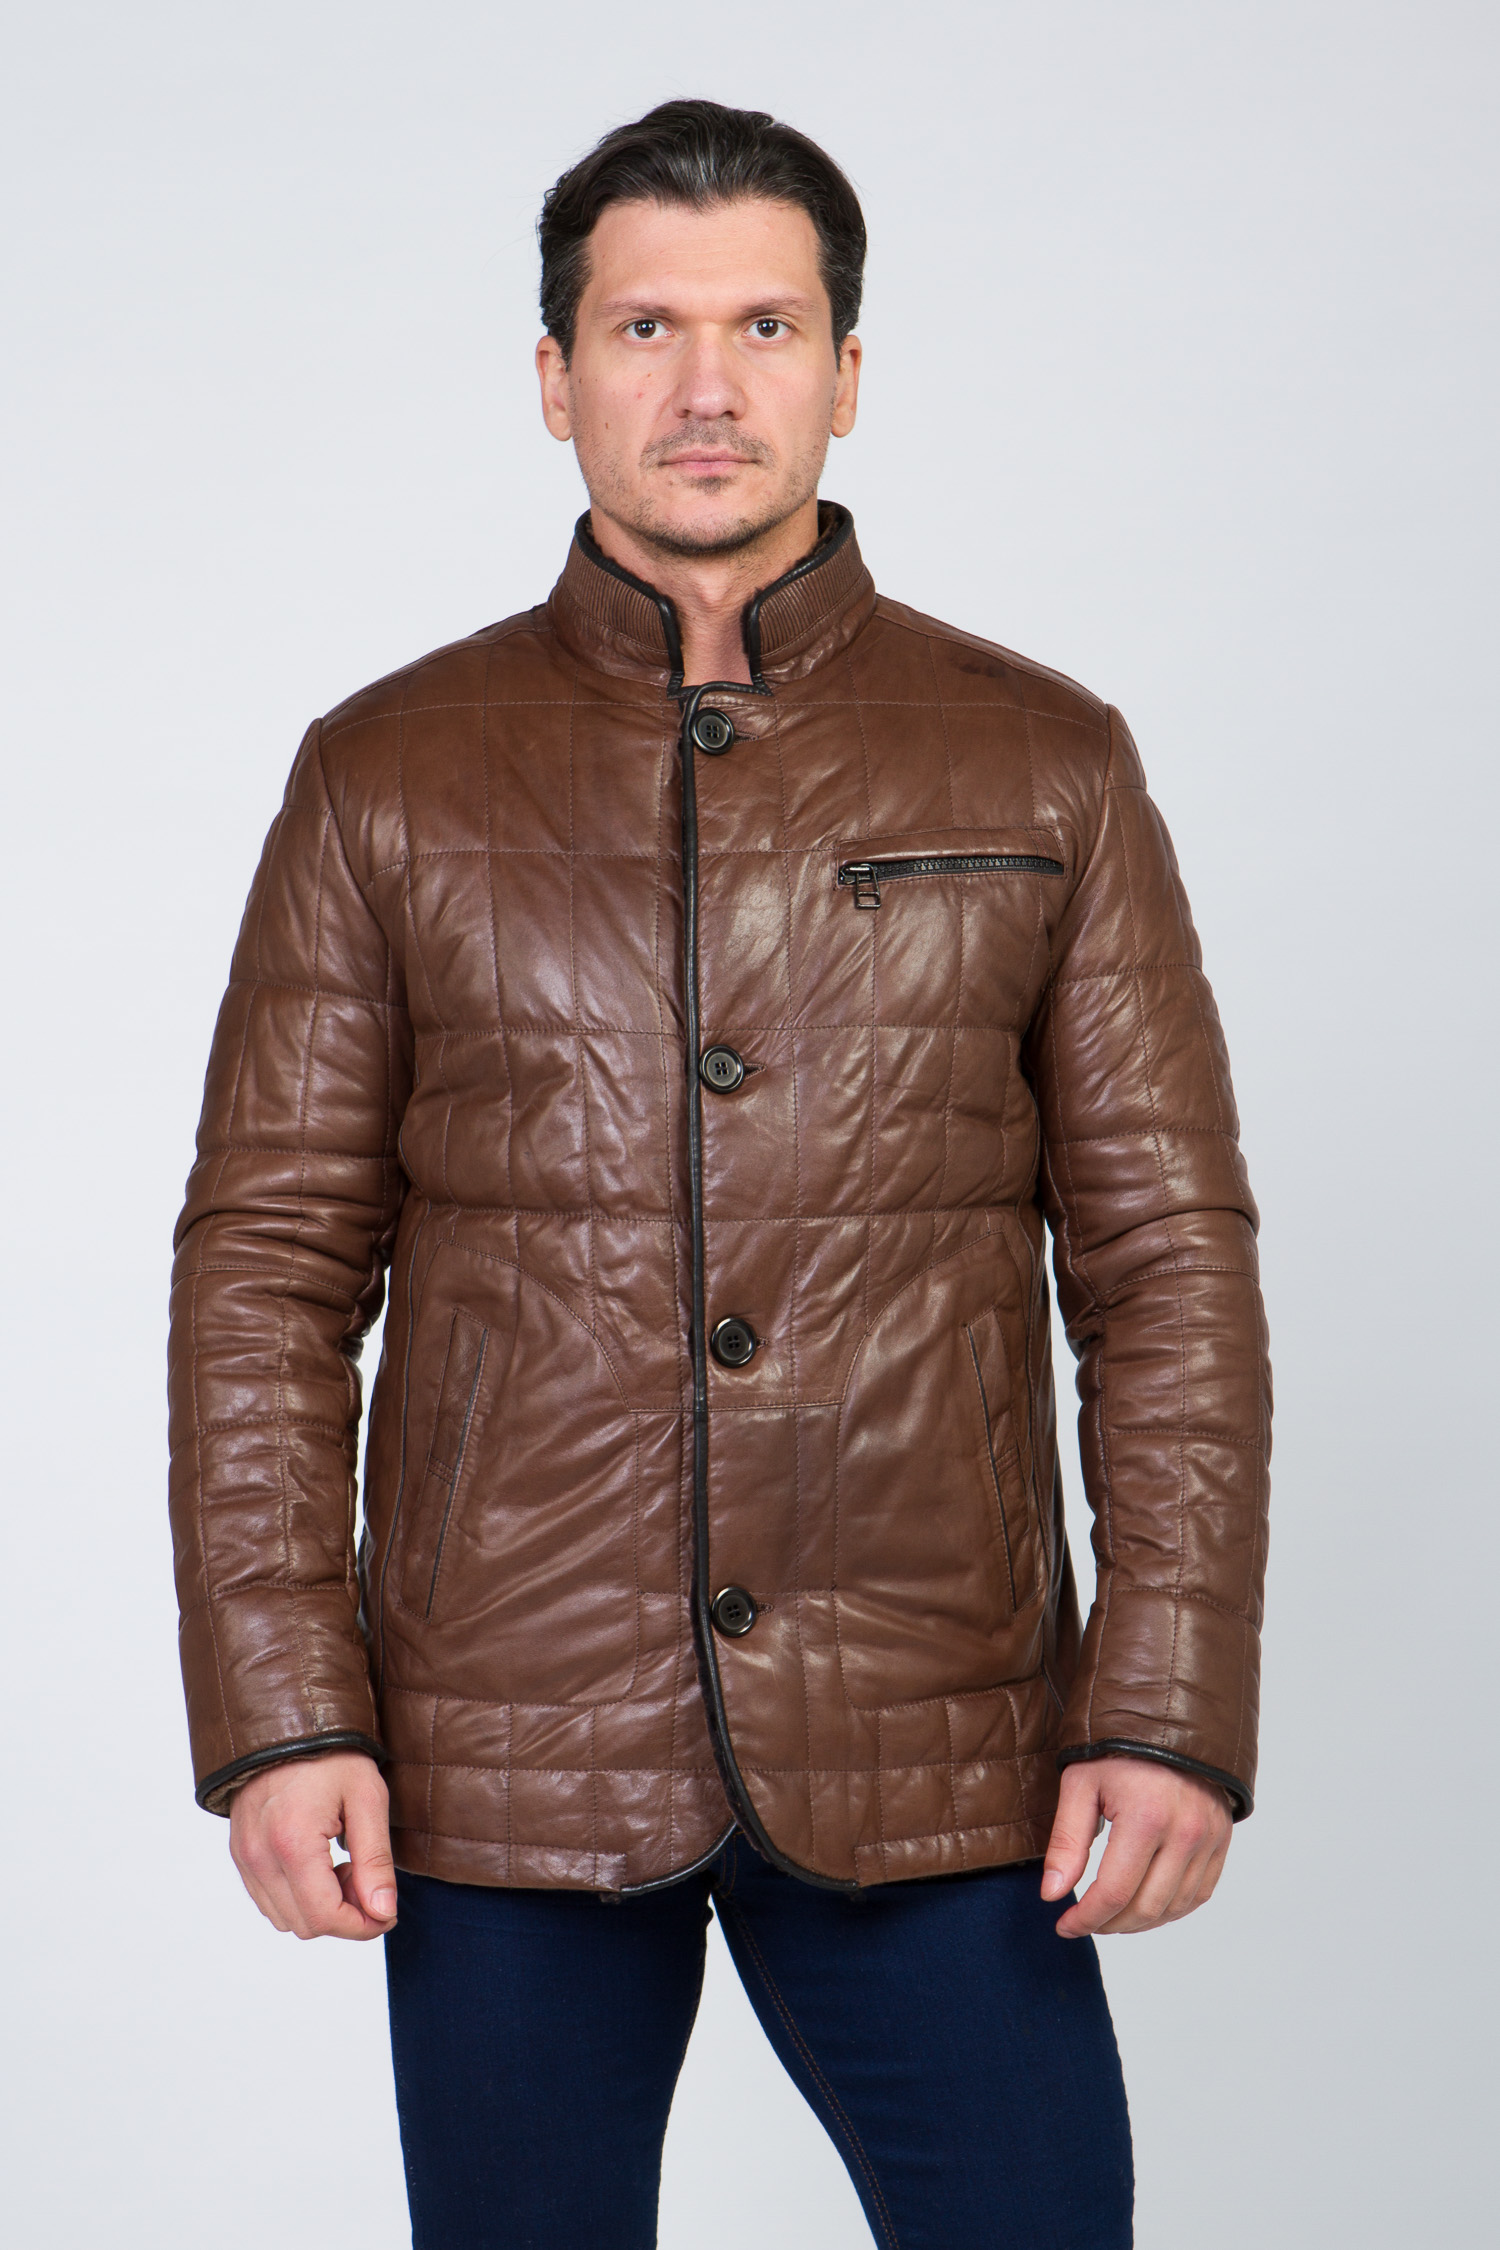 Мужская кожаная куртка из натуральной кожи на меху с воротником от МОСМЕХА